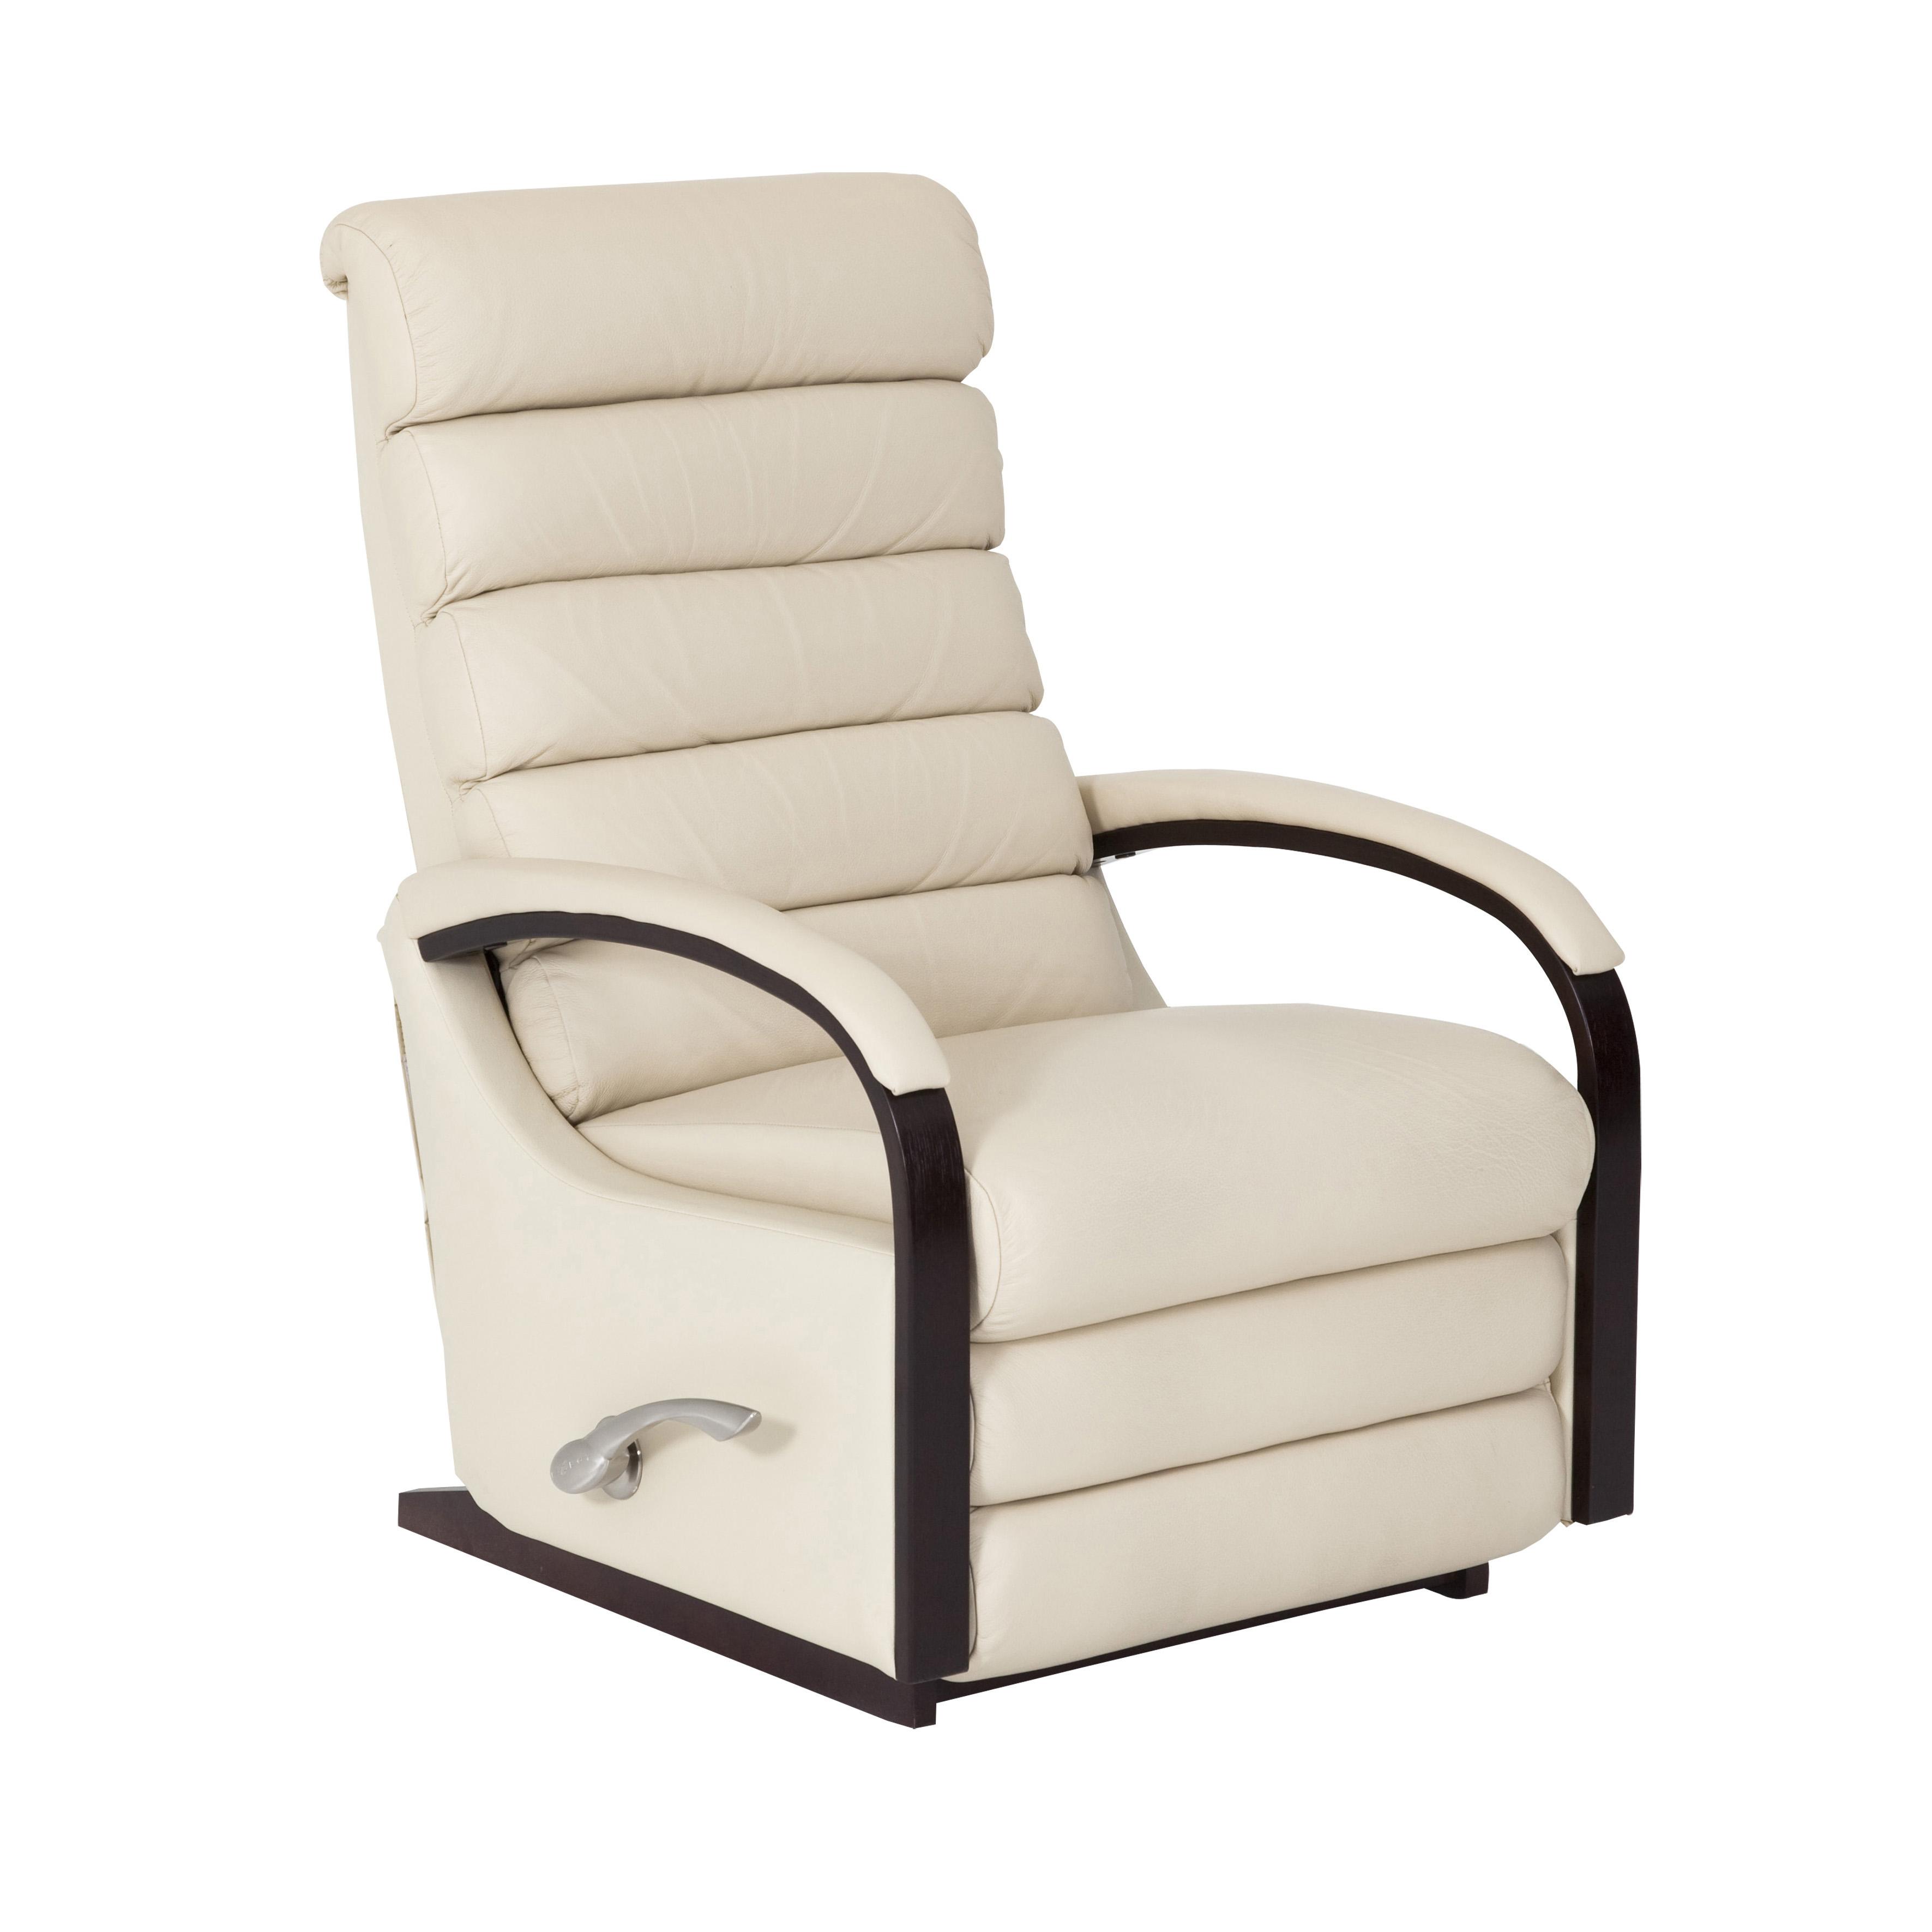 Lazboy NORSCA reclinerfåtölj skinn pvc Cremevit metall 9295 kr Trendrum se